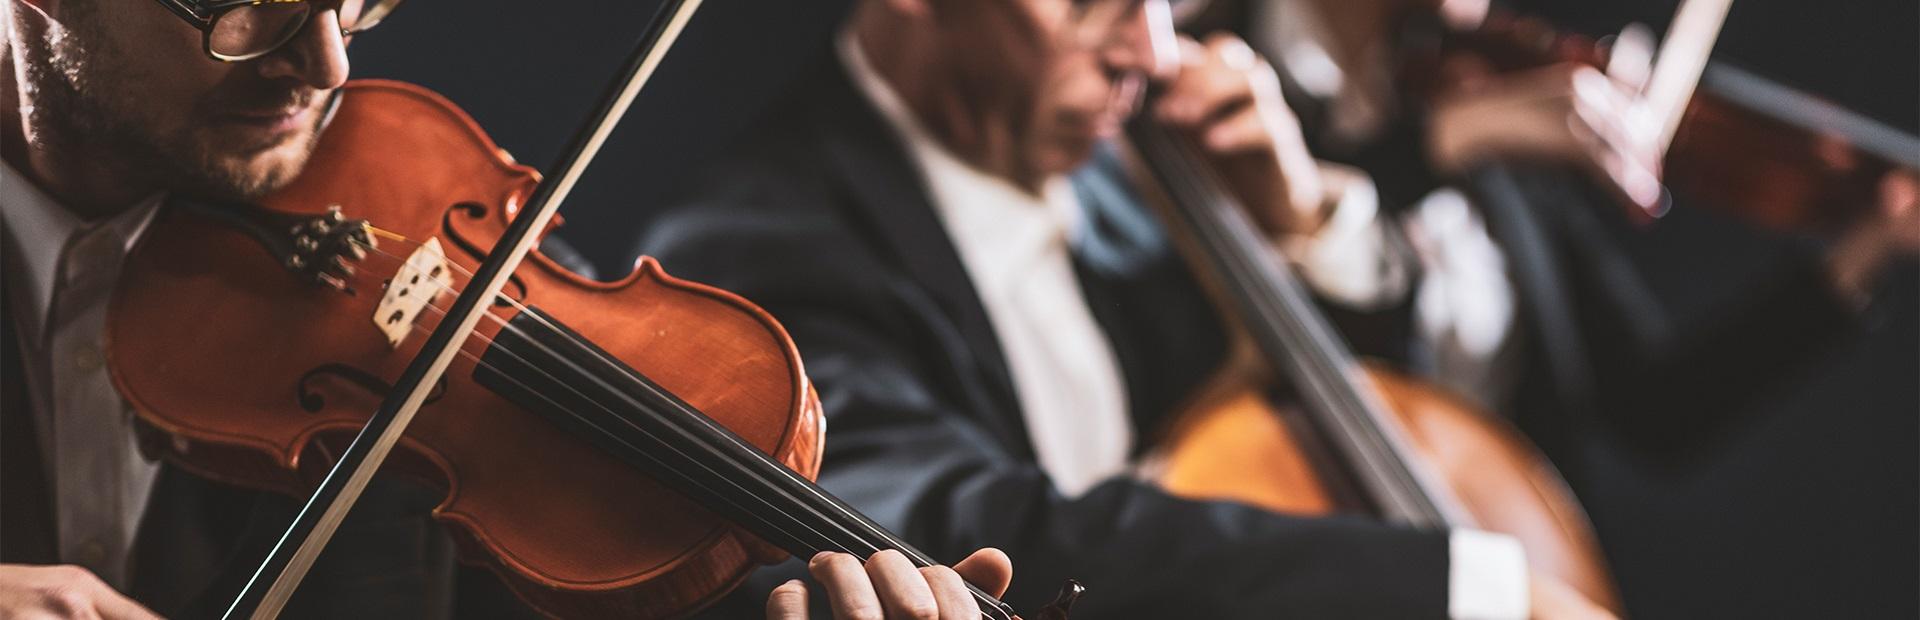 Zdjęcie ilustracja przedstawiające orkiestrę symfoniczną podczas koncertu.